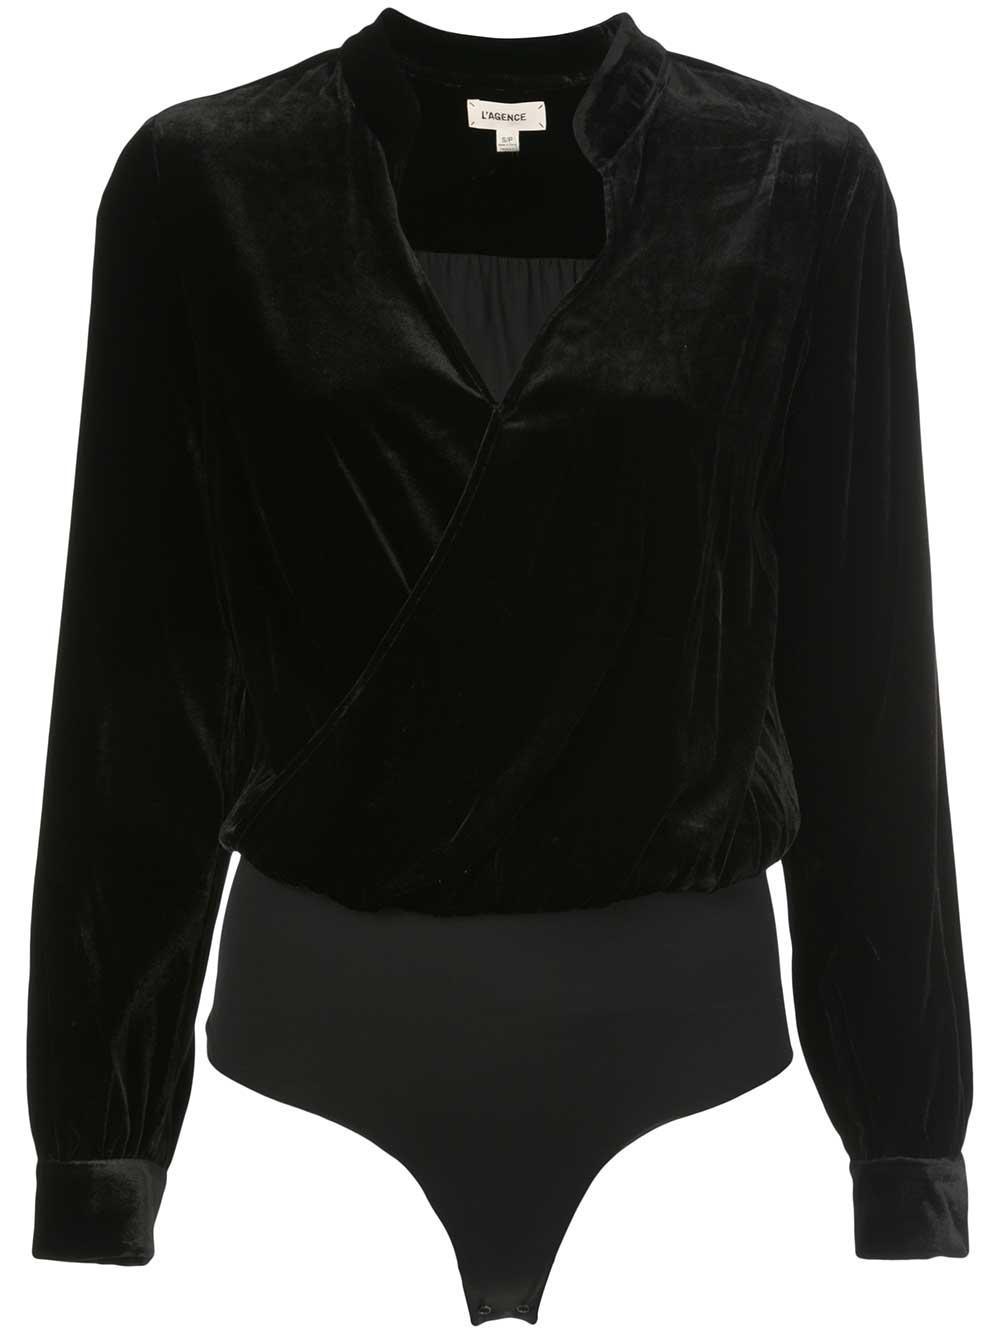 Marcella Velvet Bodysuit Item # 4849VSR